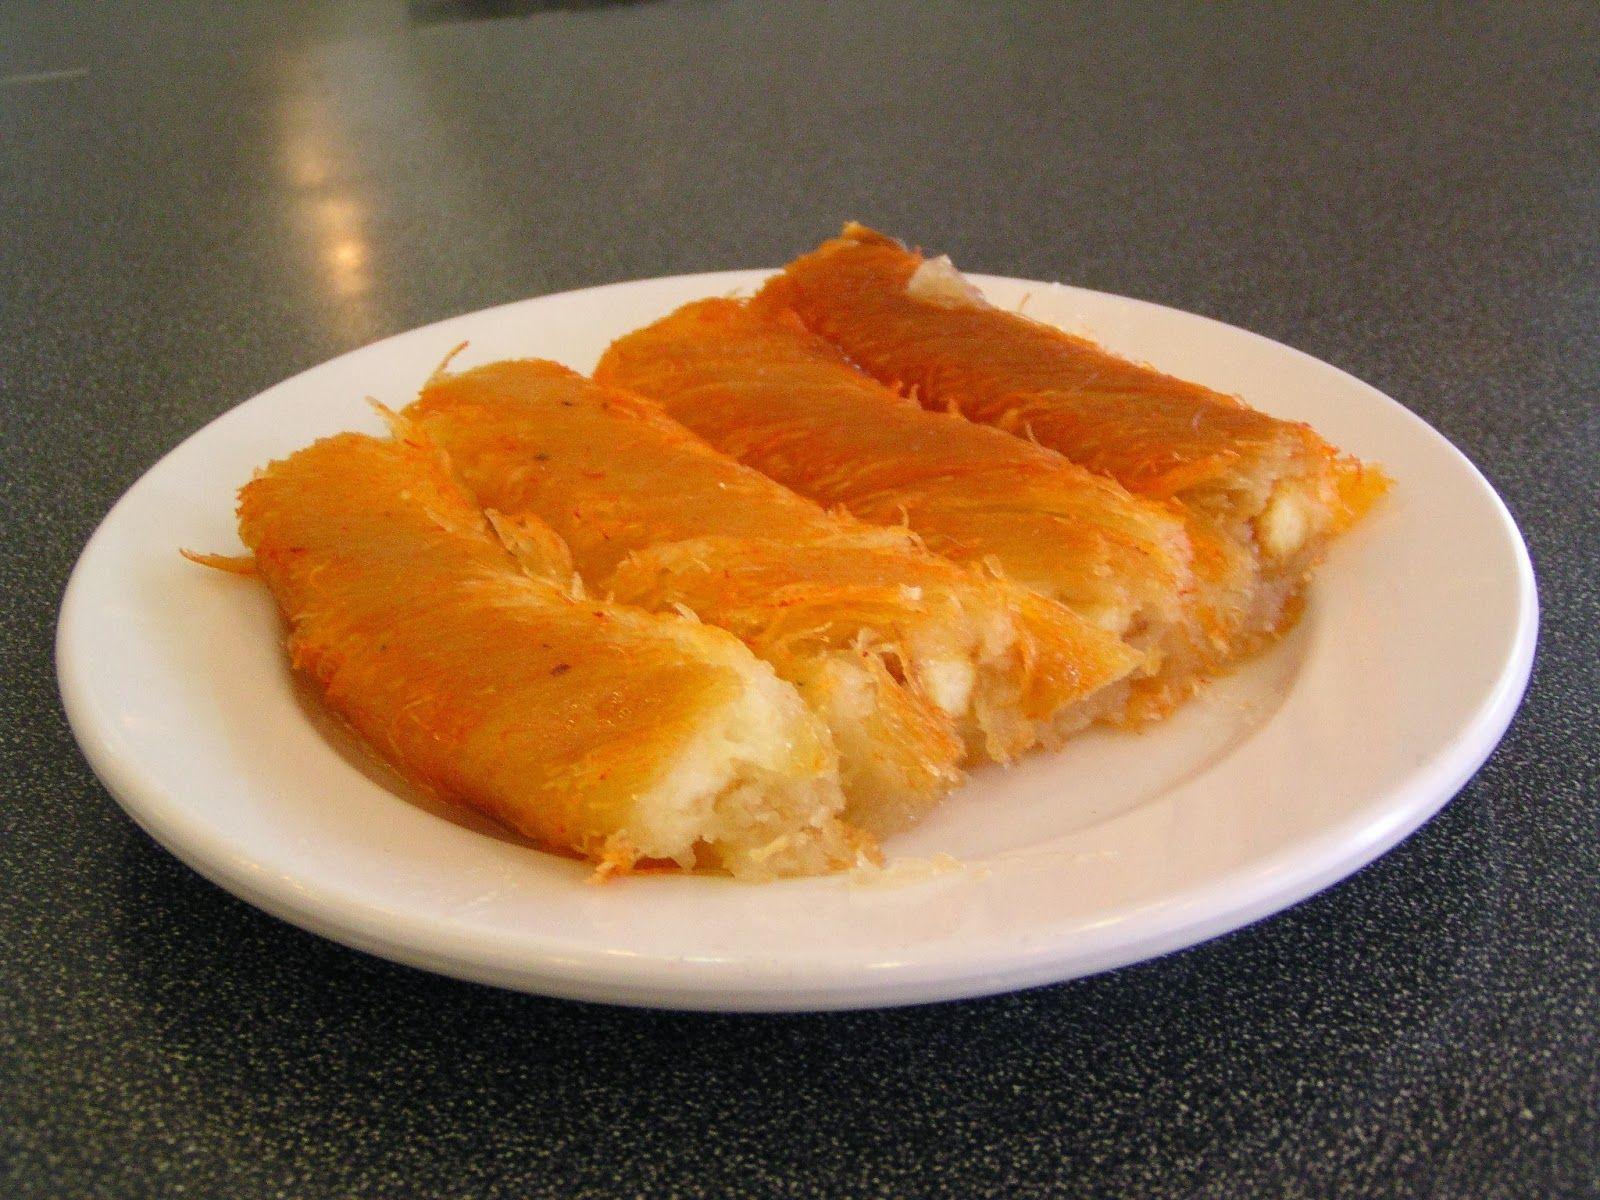 أصابع الكنافة الخشنة عالم الطبخ والجمال Recipes Food Indulgent Food